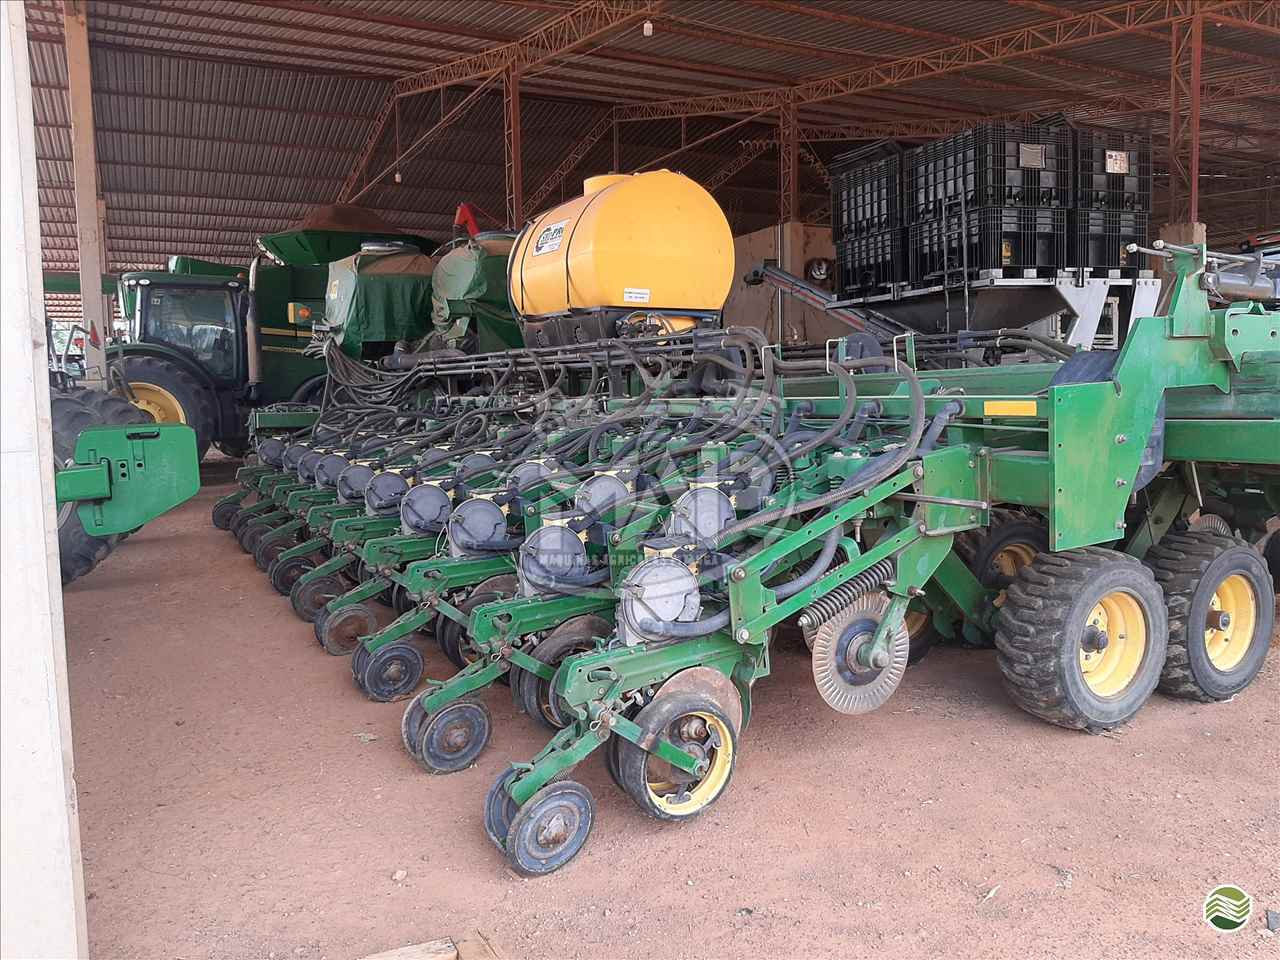 PLANTADEIRA JOHN DEERE PLANTADEIRAS DB74 Máquinas Agrícolas Pitanga PITANGA PARANÁ PR